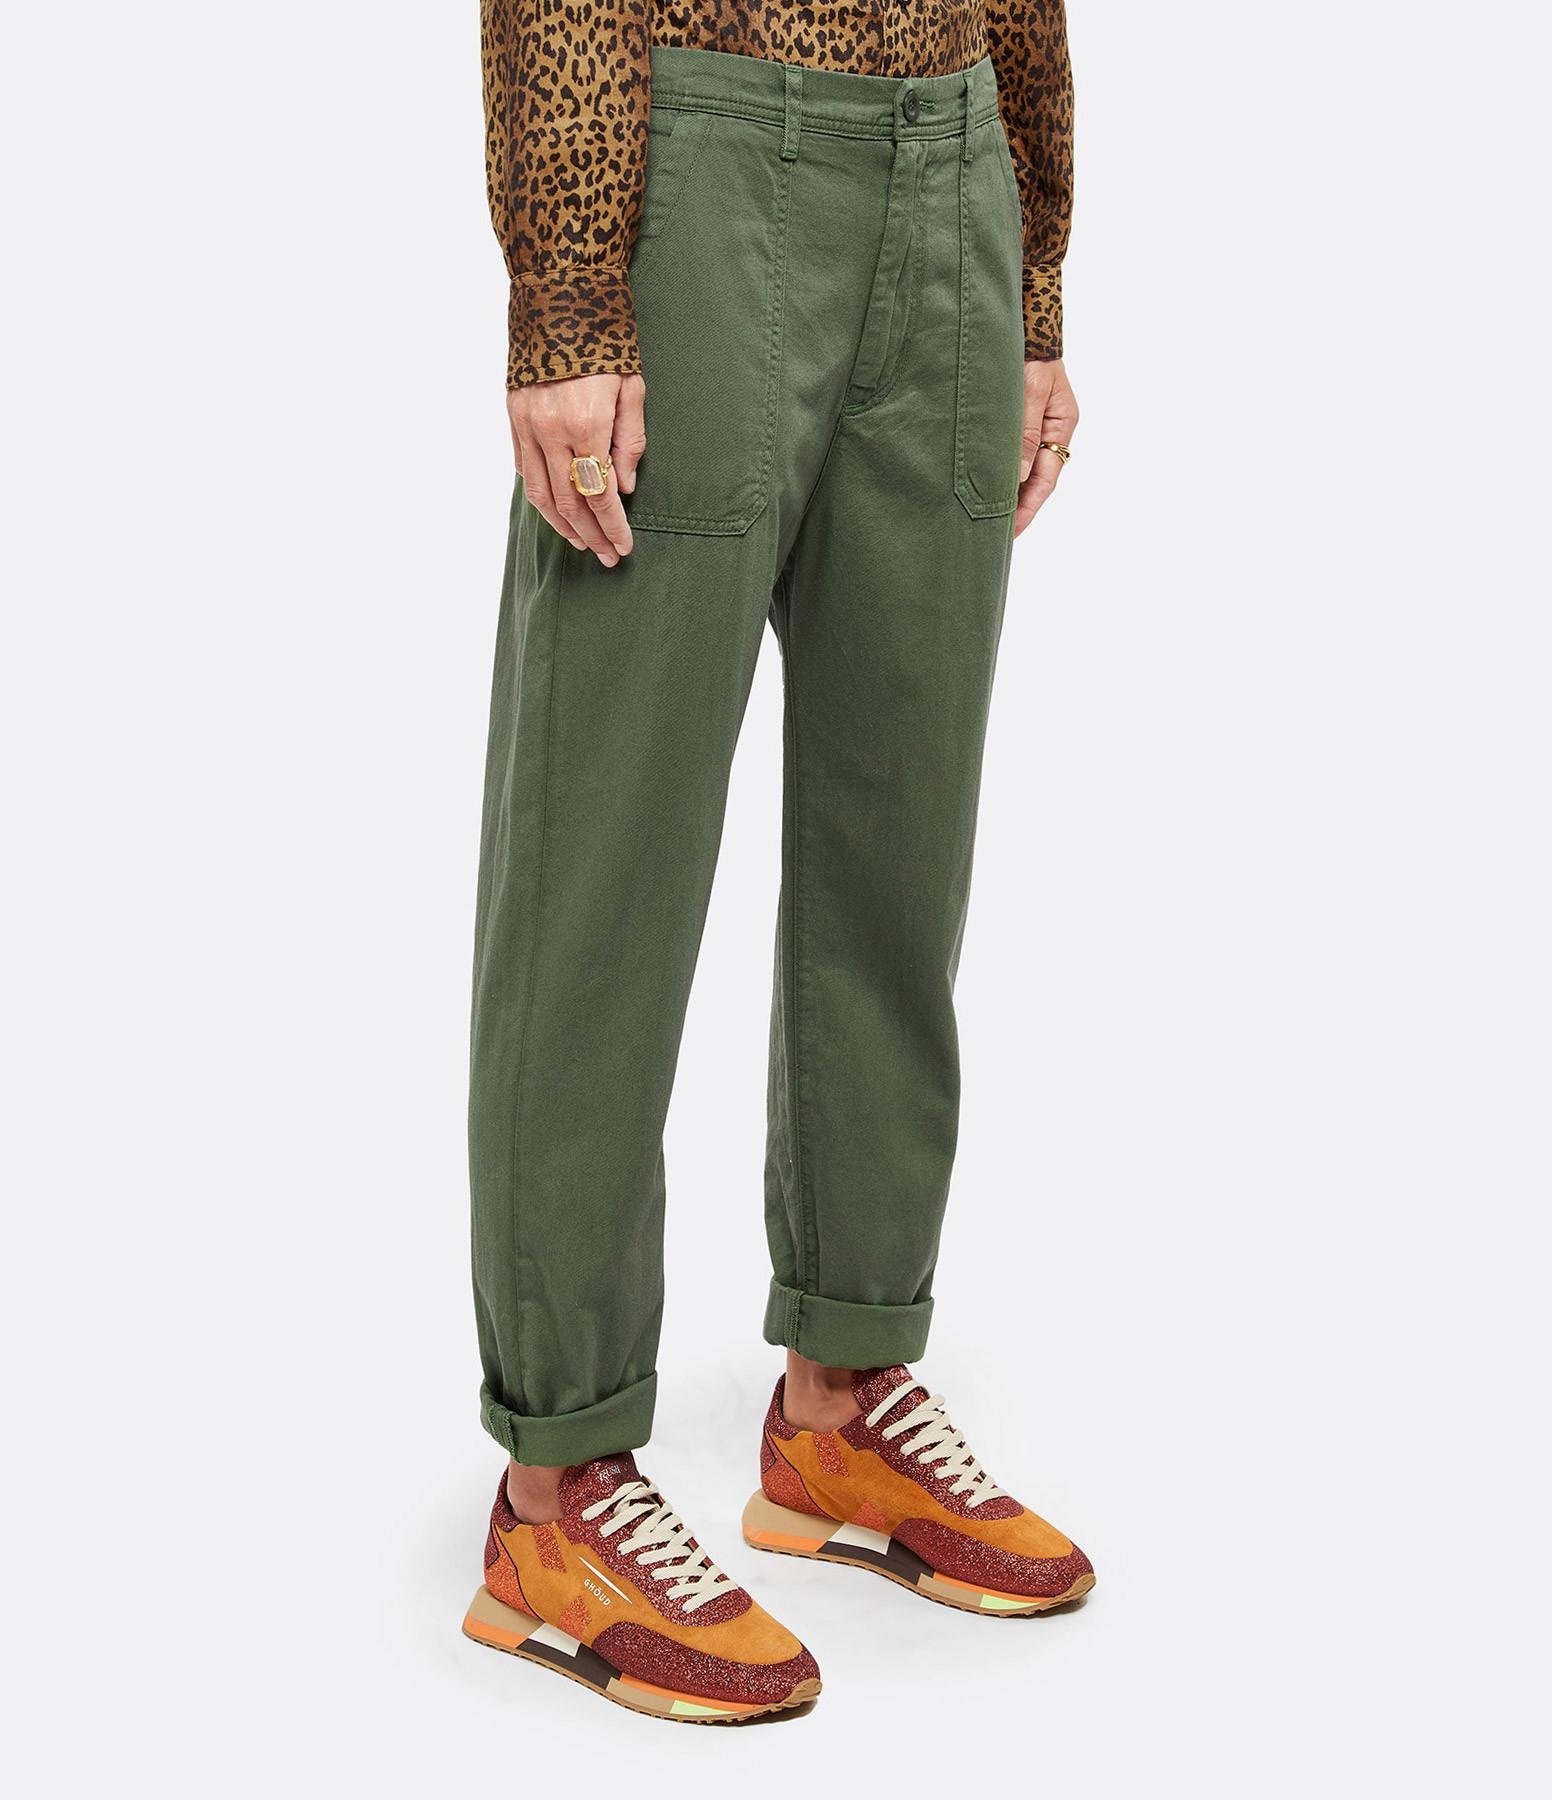 XIRENA - Pantalon Tucker Coton Surplus Kaki